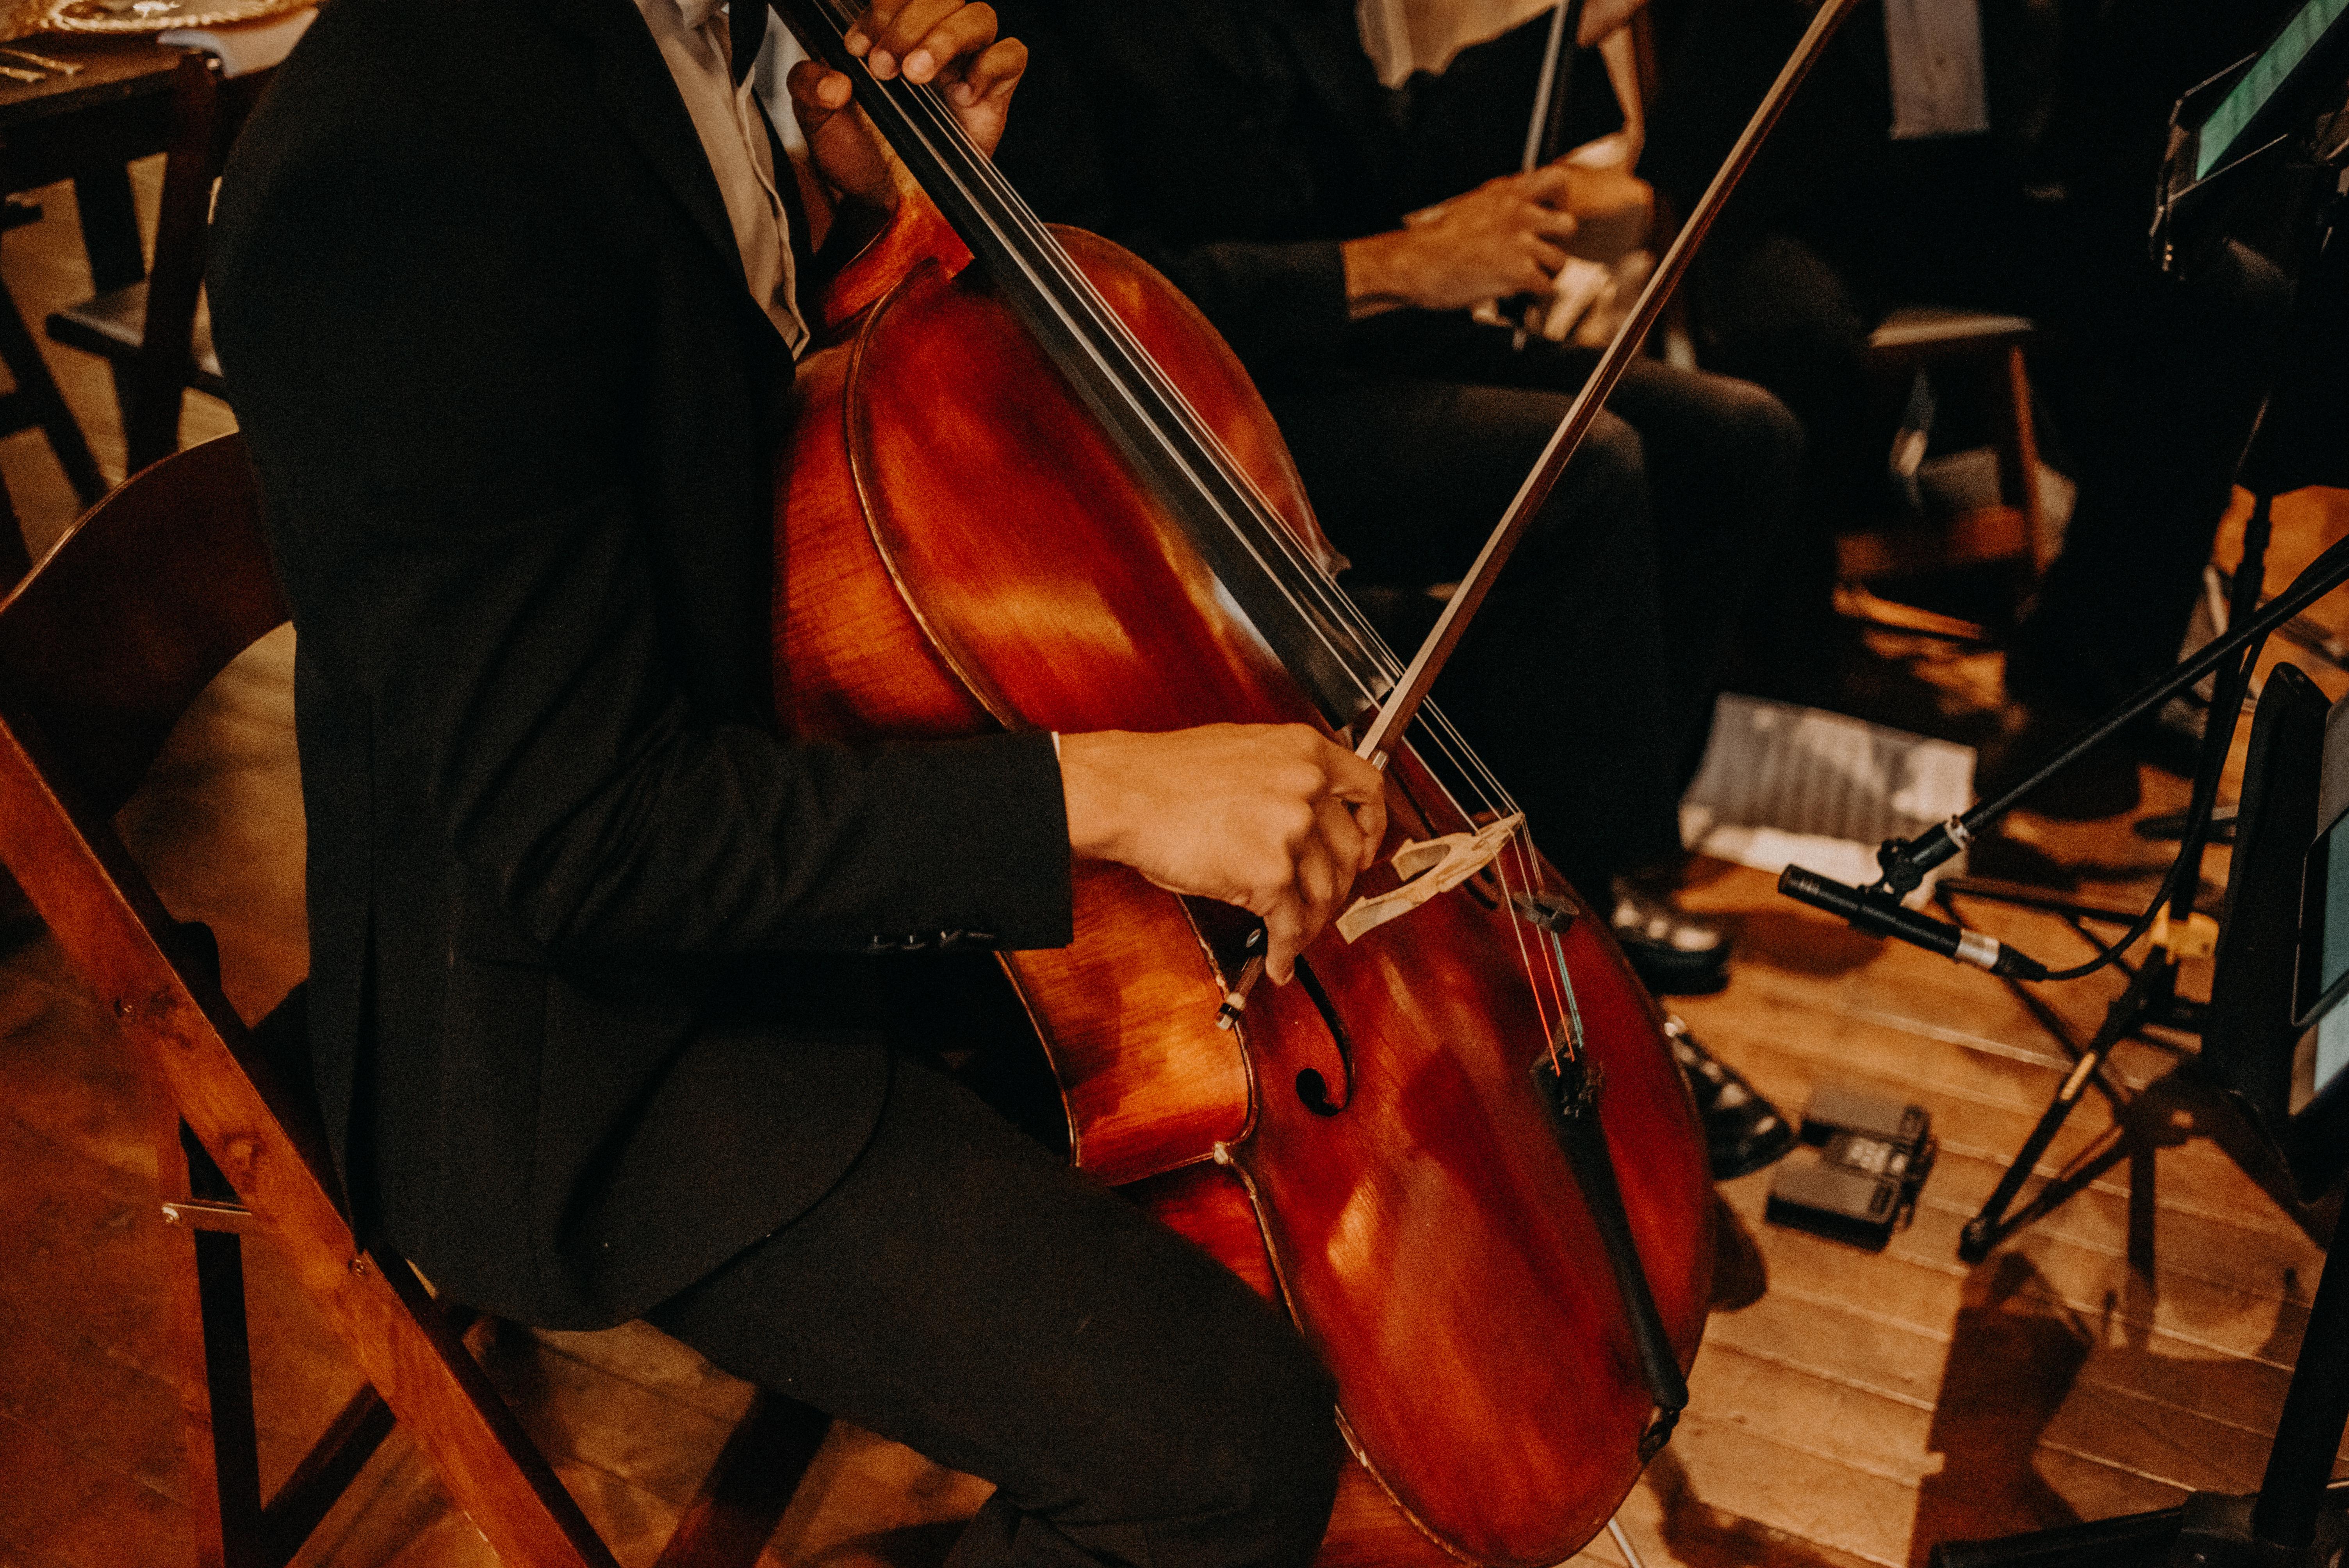 Frykman Photography- Etude cello